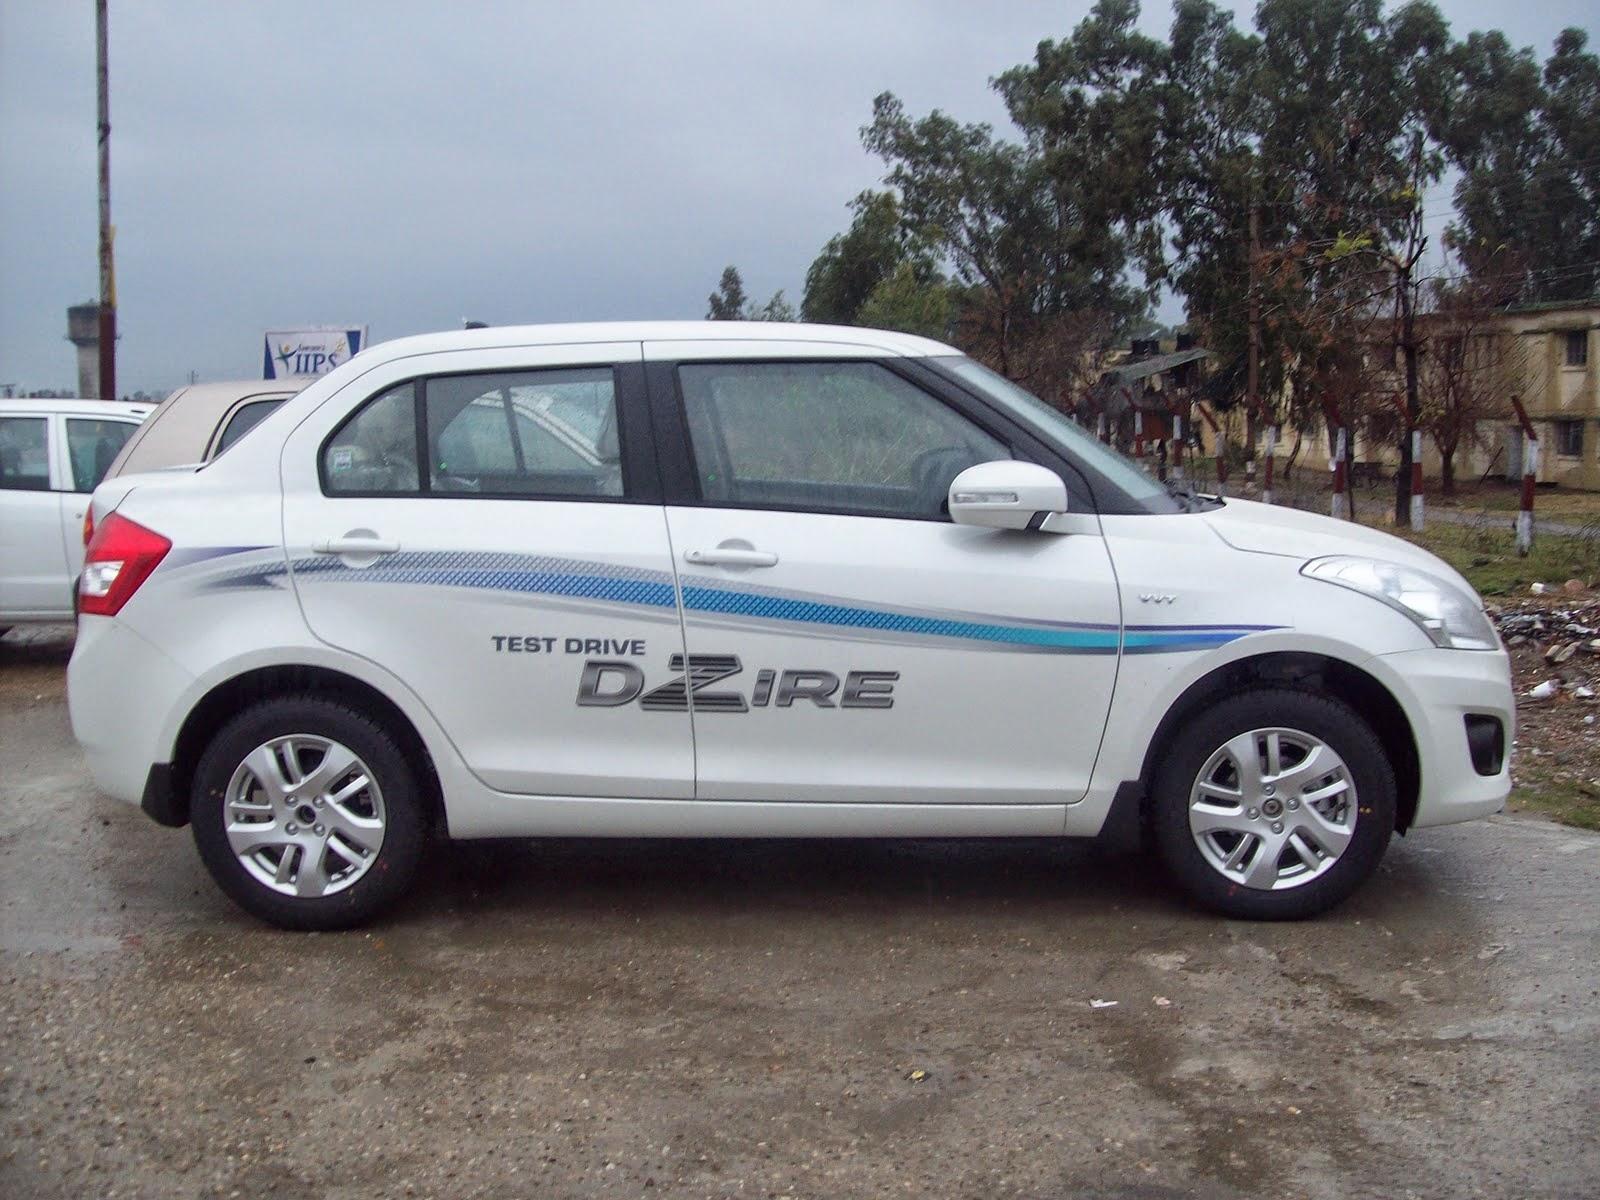 Car stickers design in coimbatore - Maruti Swift Dzire Oe Full Stickering Designs